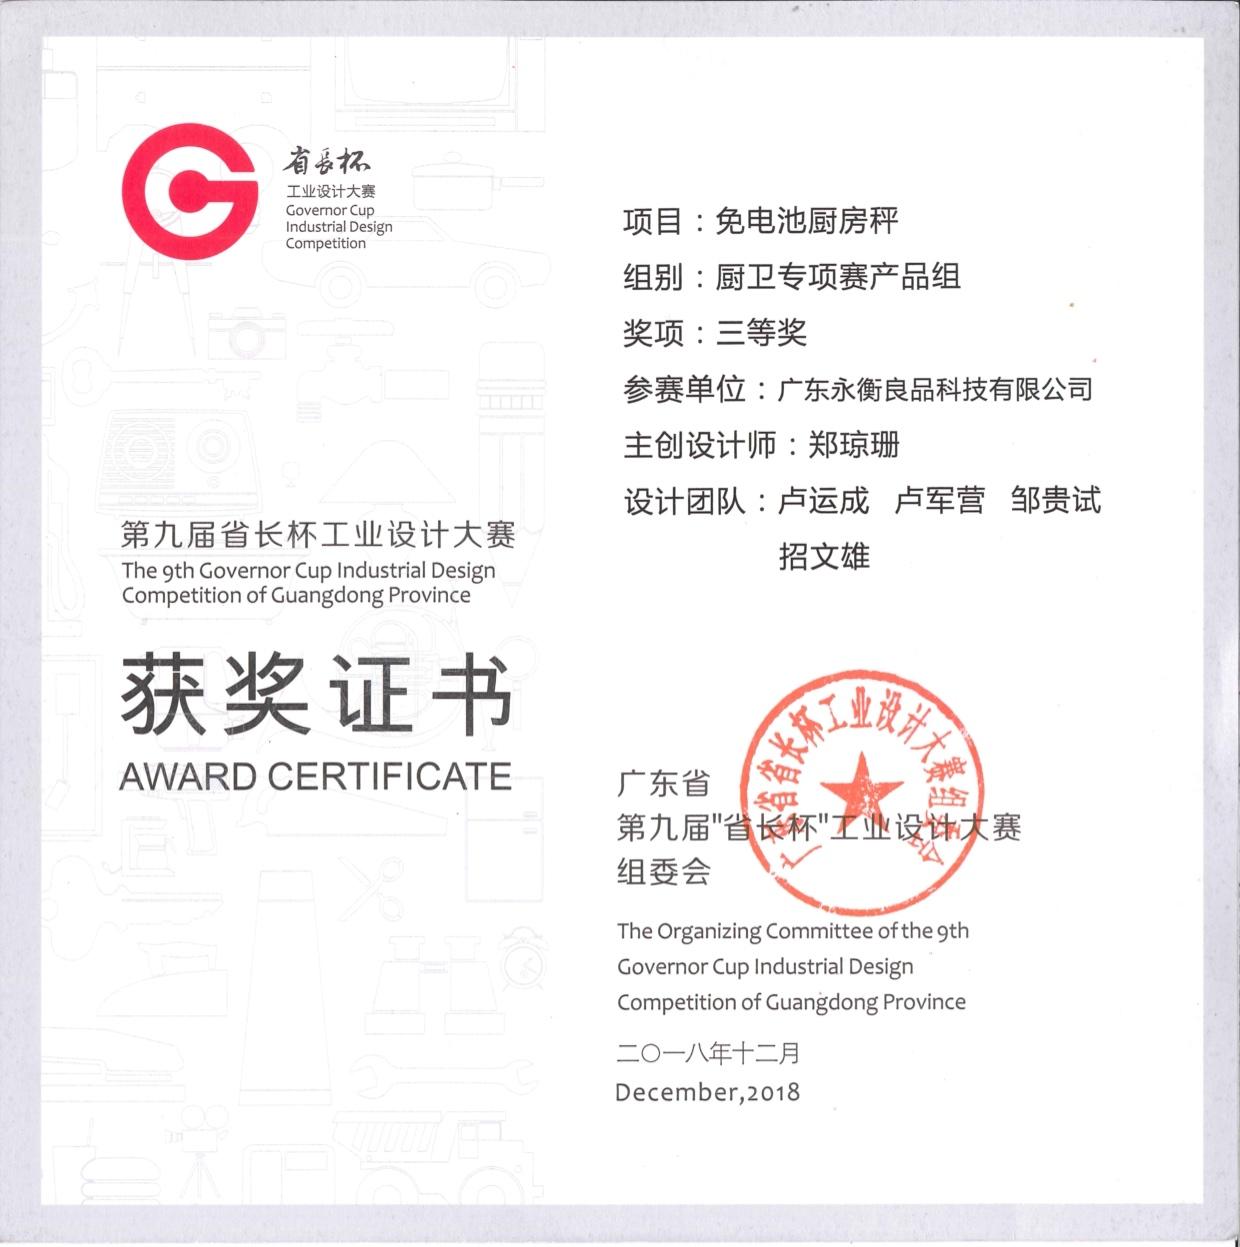 省长杯工业设计奖 (2018年)